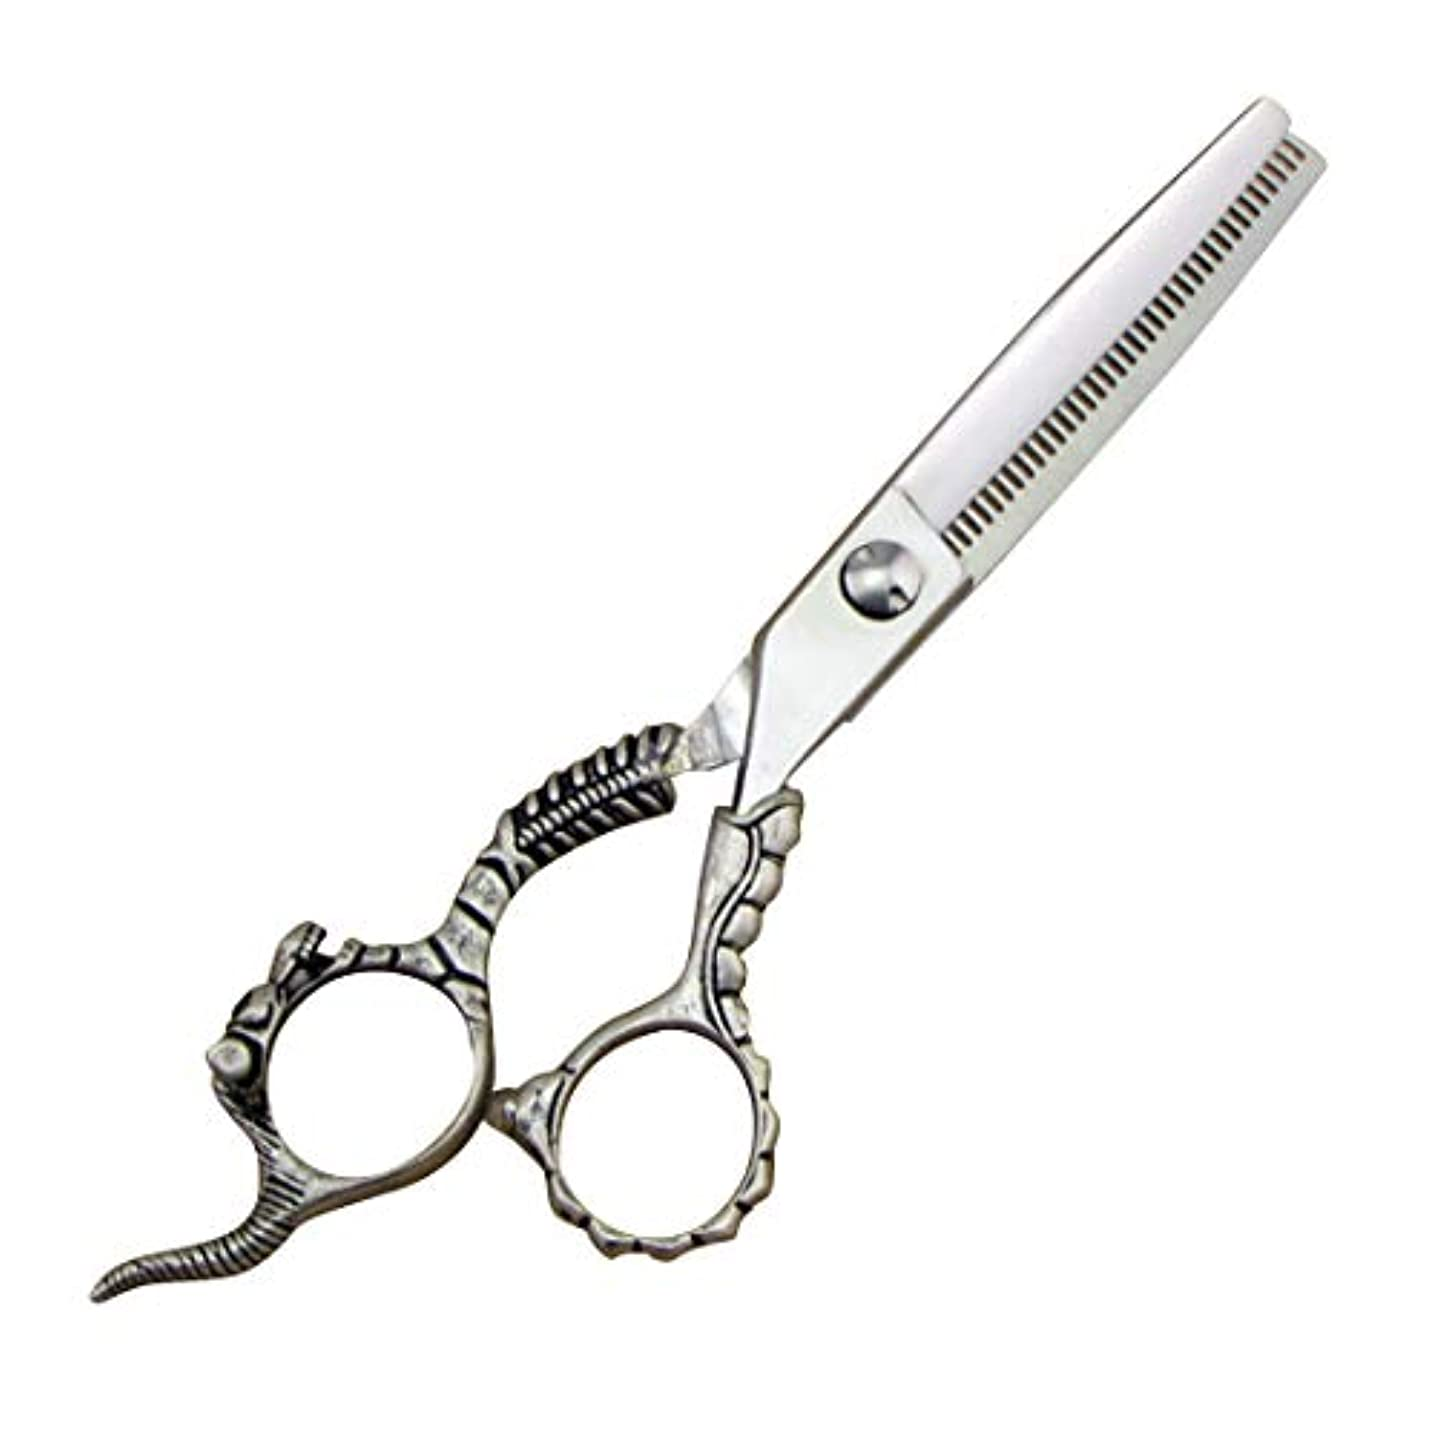 の間で思いやりのある保証するバリカンはさみプロ理髪はさみ - 理髪はさみセット - ステンレス鋼の歯はさみ&フラットせん断 モデリングツール (色 : Silver)